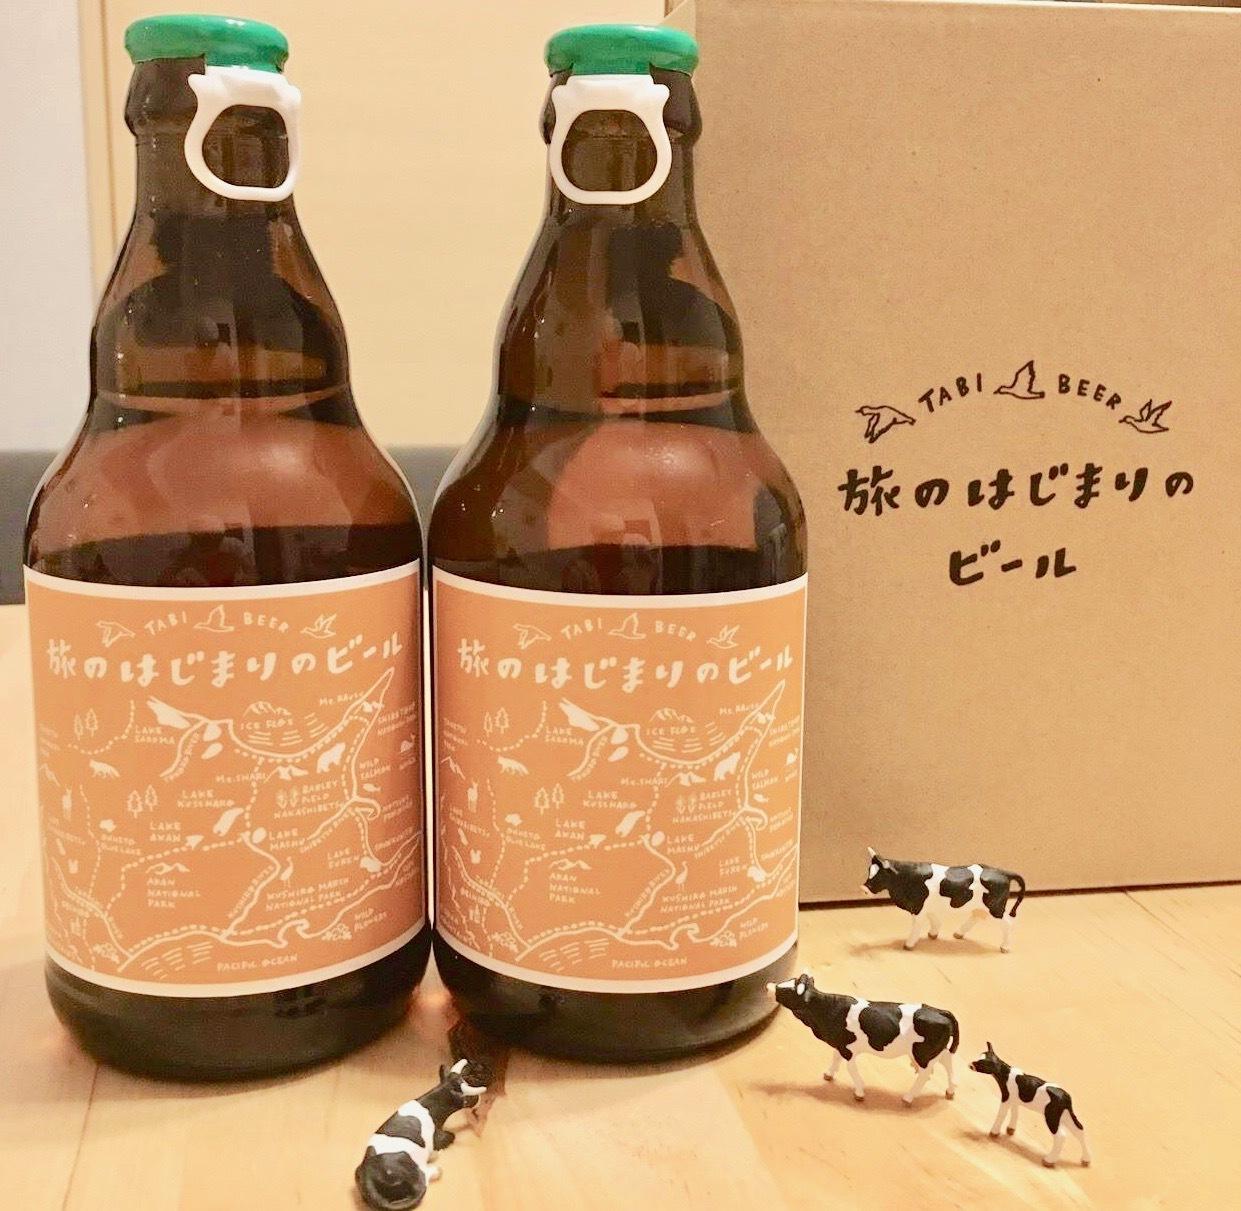 3ケース「旅のはじまりのビール」(2本入り特別ギフトセット)